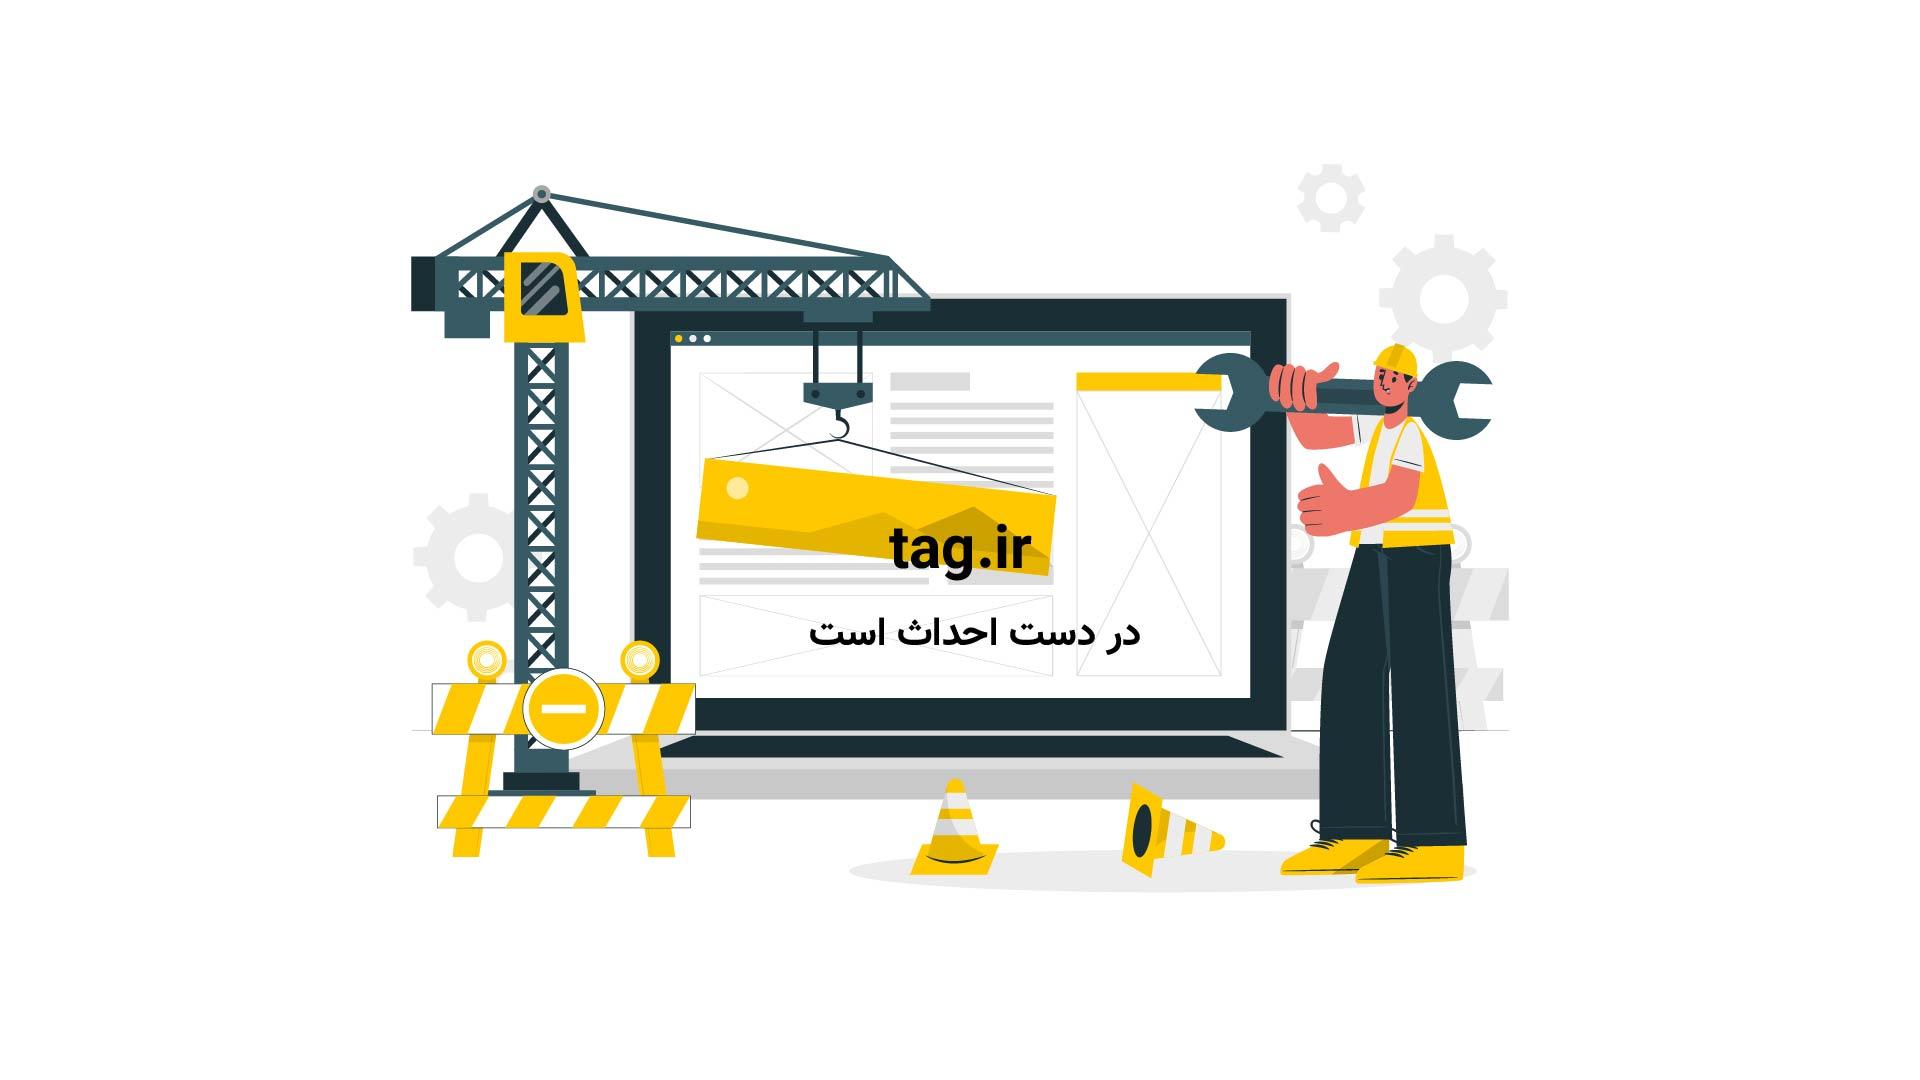 پدیده شگفت انگیز آبشار آتش در کالیفرنیای آمریکا   فیلم